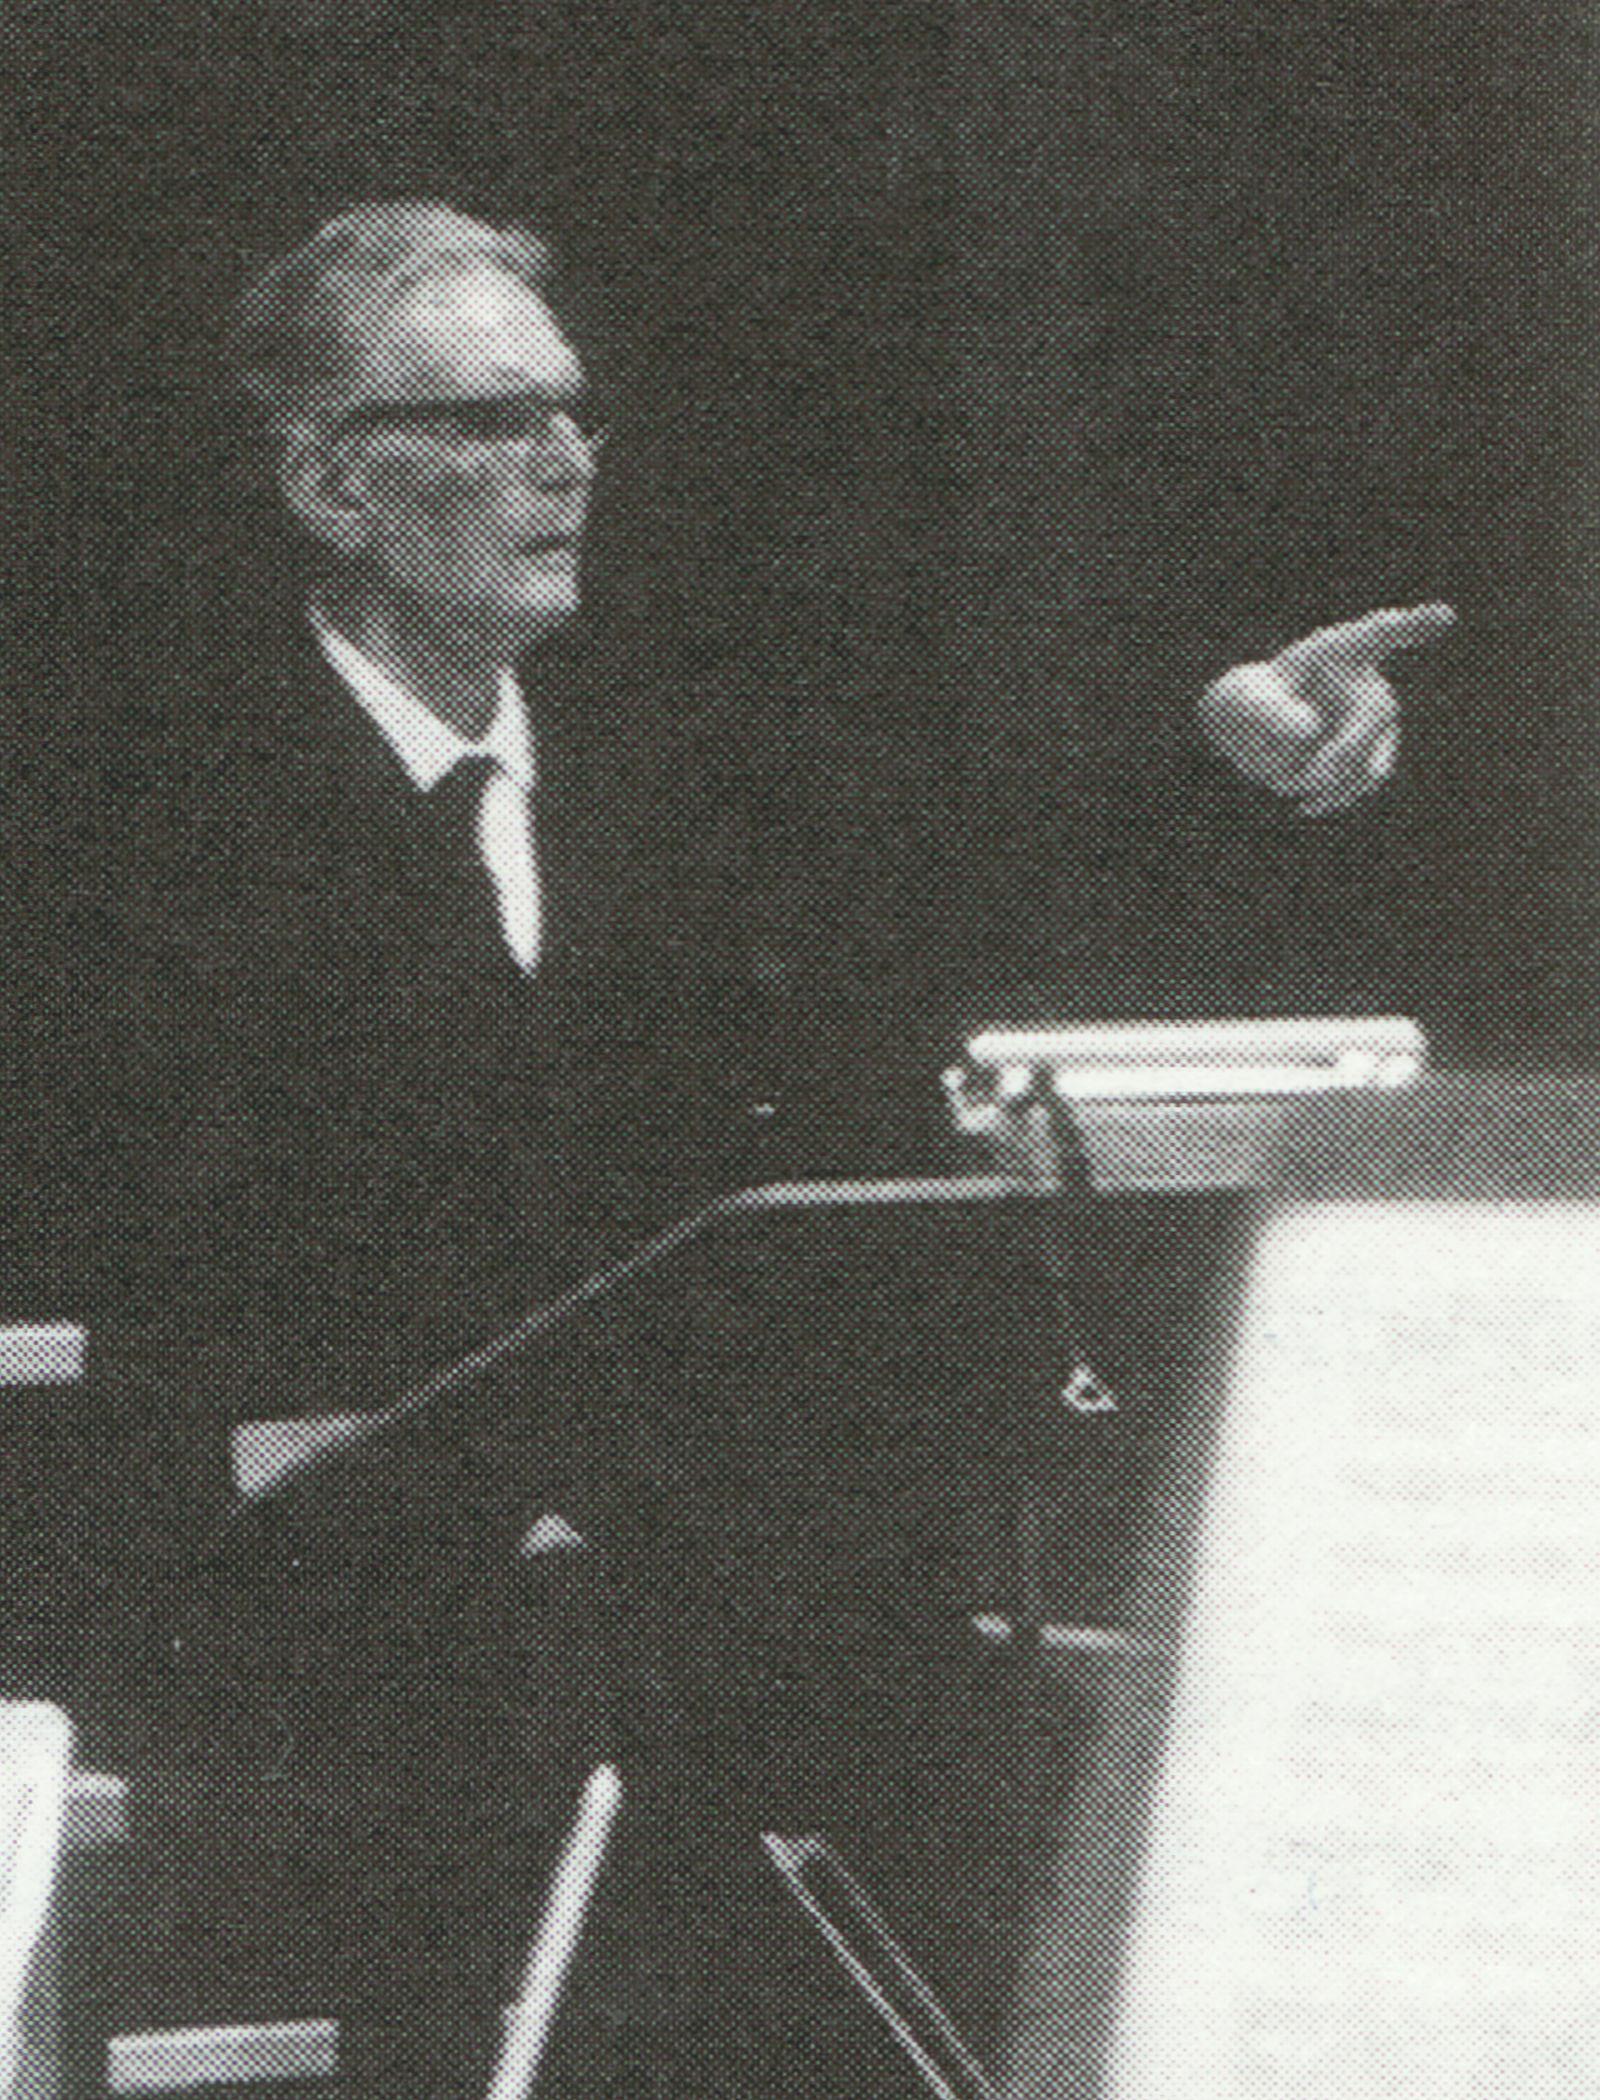 Otto KLEMPERER en répétition, 1960, cité d'une photo de Werner Neumeister publiée en page 125 du livre «50. Jahre Symphonieorchester des Bayerischen Rundfunks», cliquer pour une vue agrandie